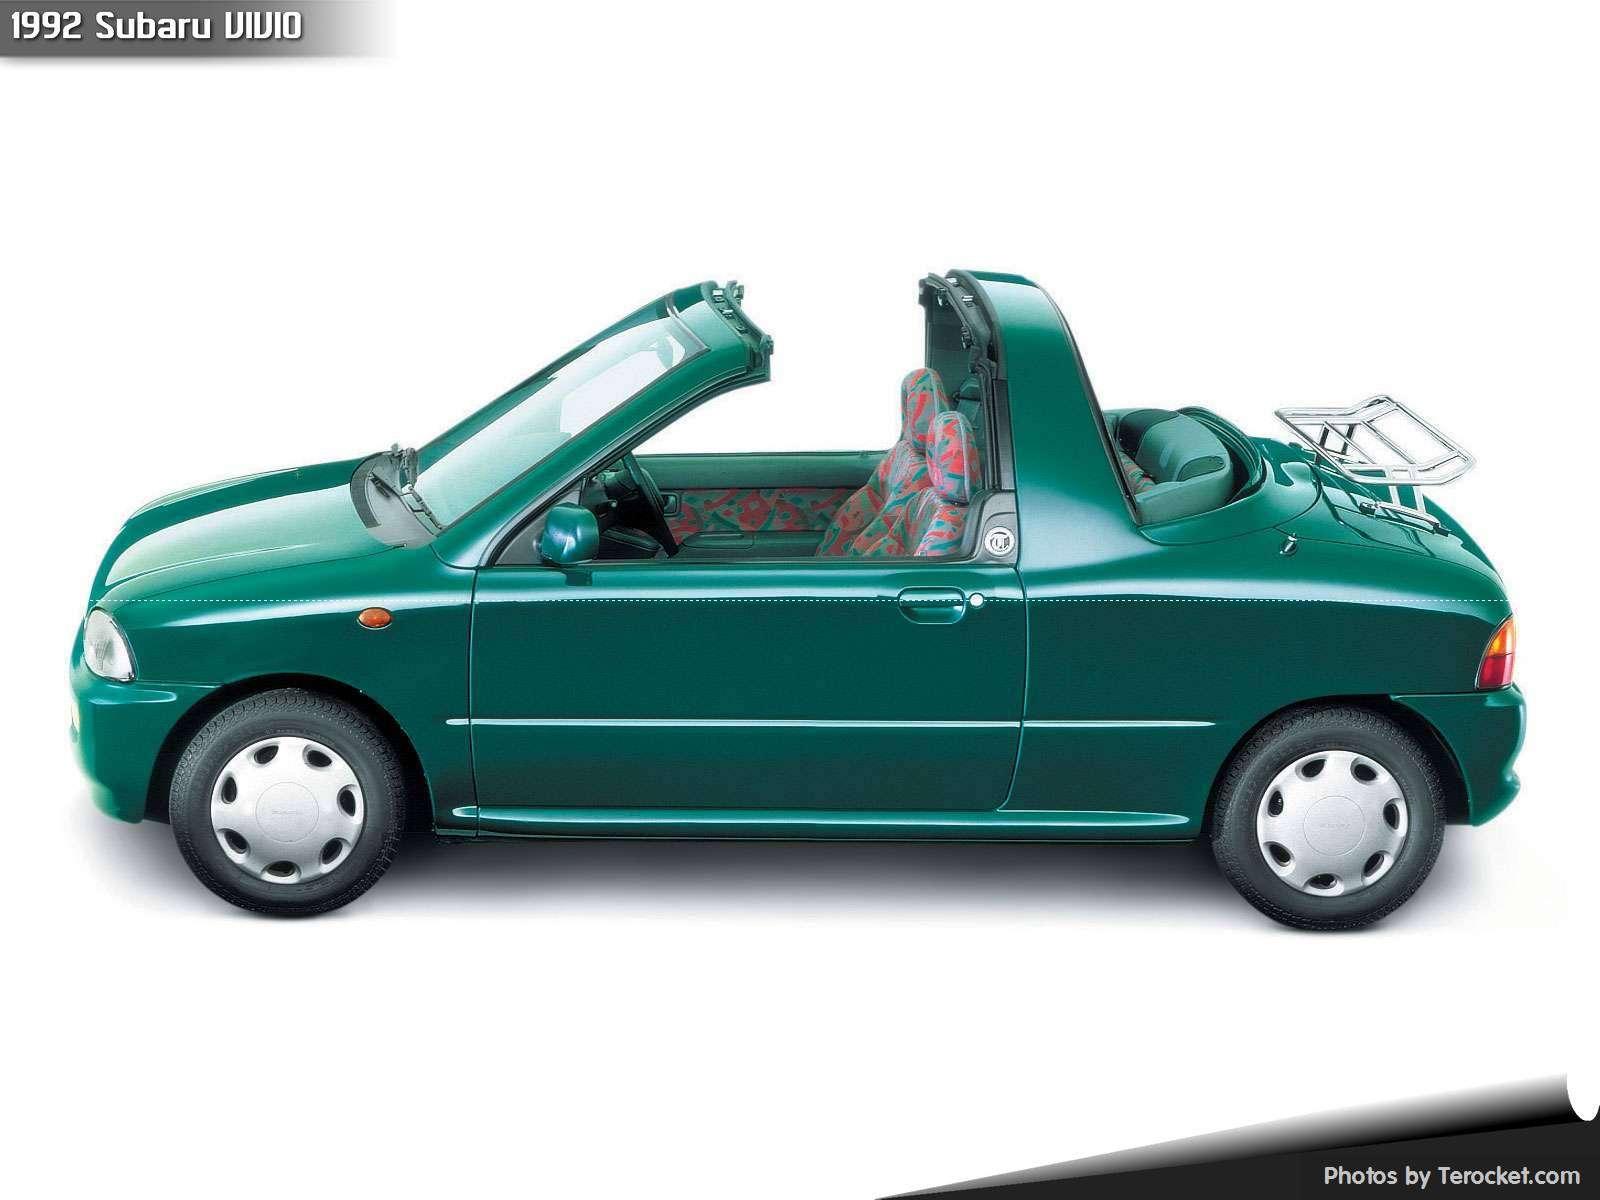 Hình ảnh xe ô tô Subaru VIVIO 1992 & nội ngoại thất